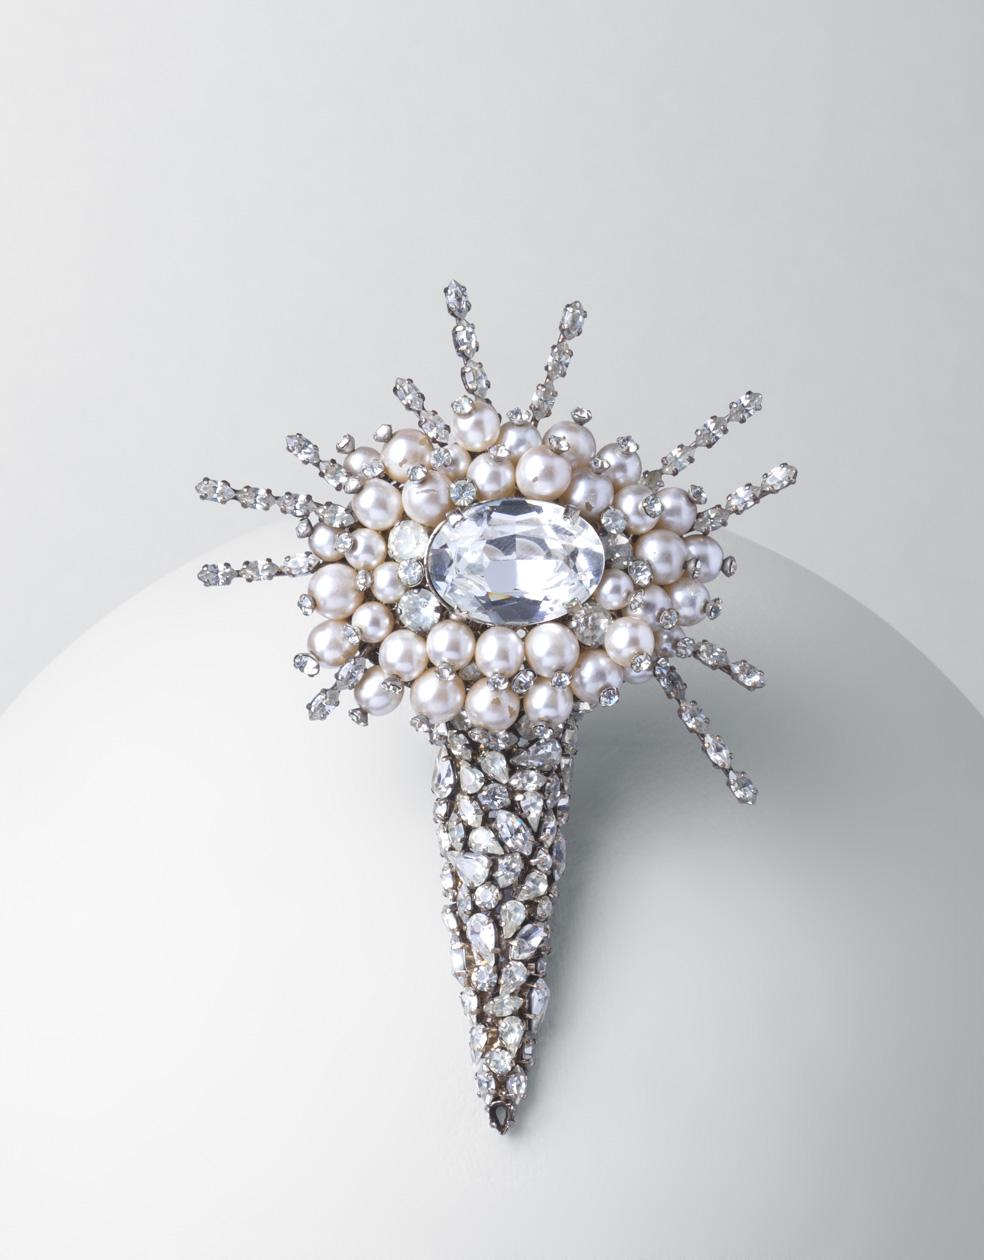 Broche. metal plateado, cristales de Bohemia y perlas esféricas blancas